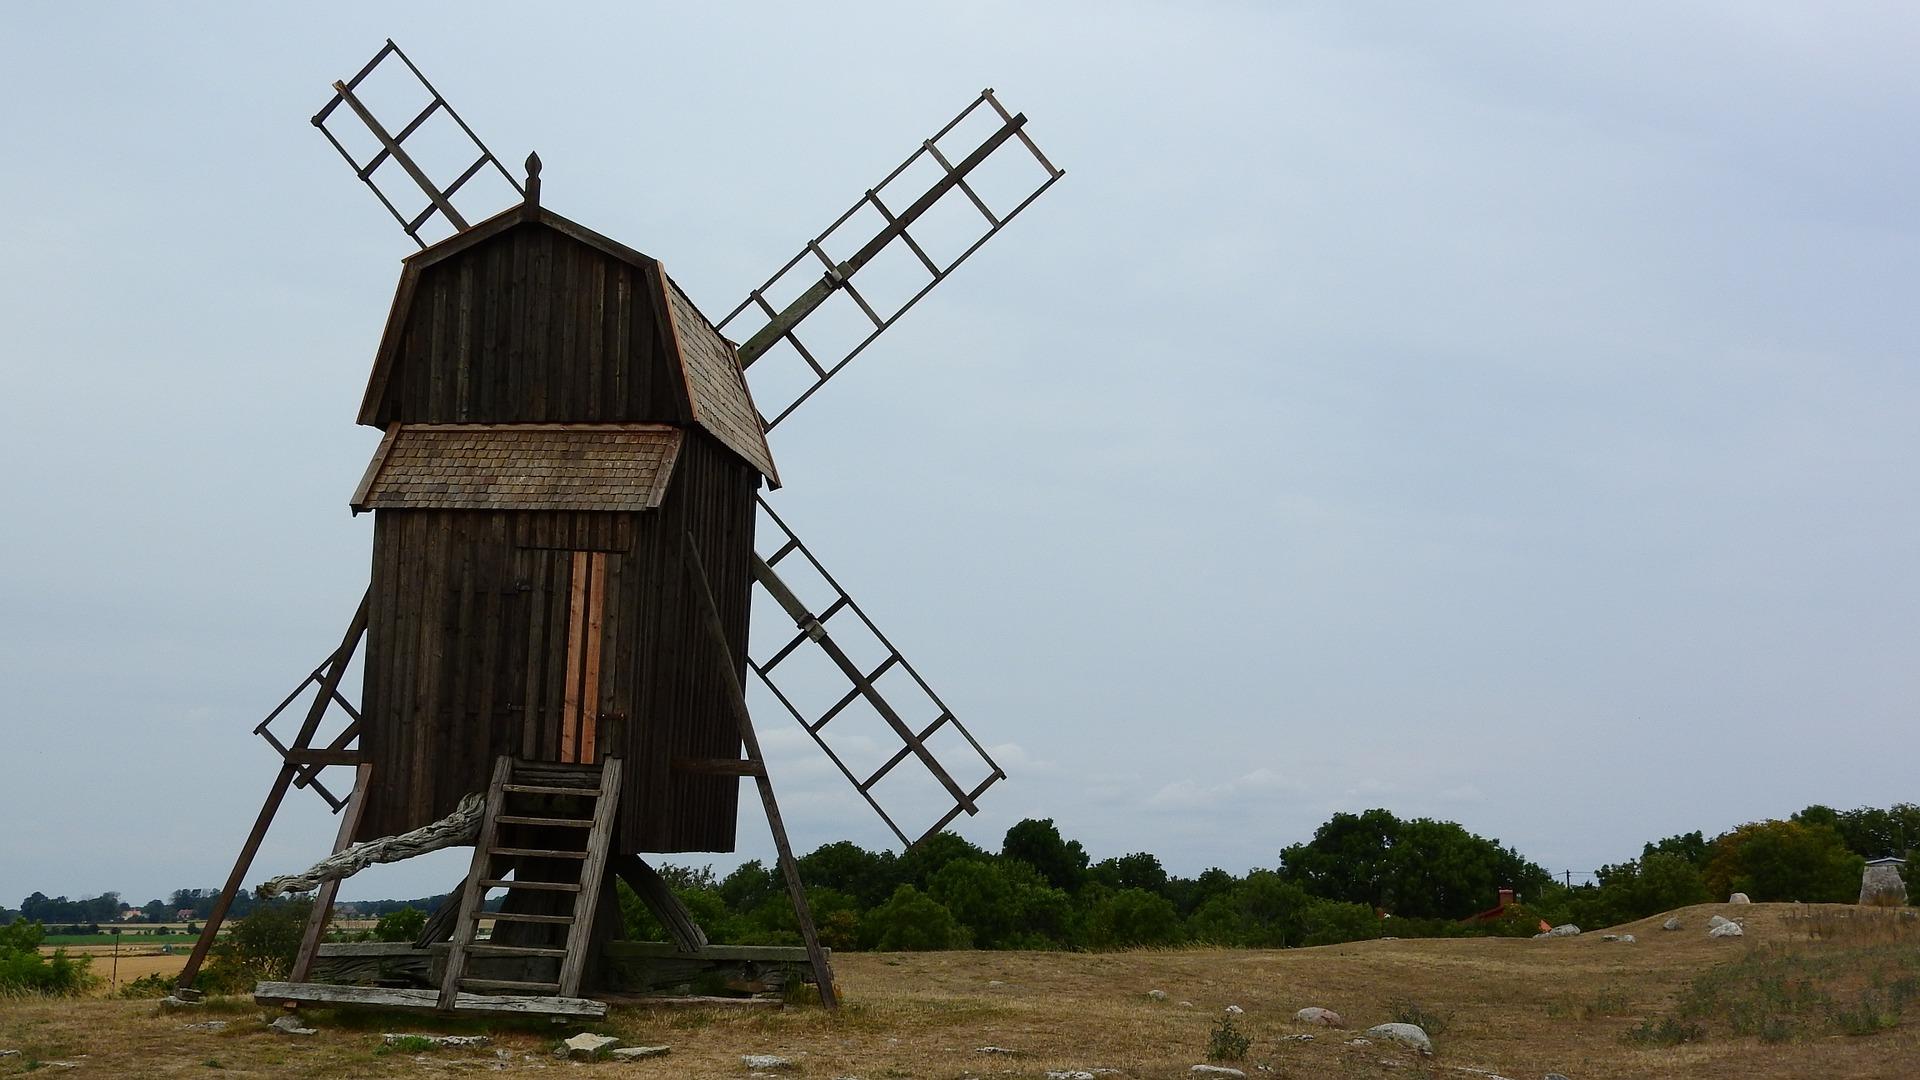 mill-1008471_1920